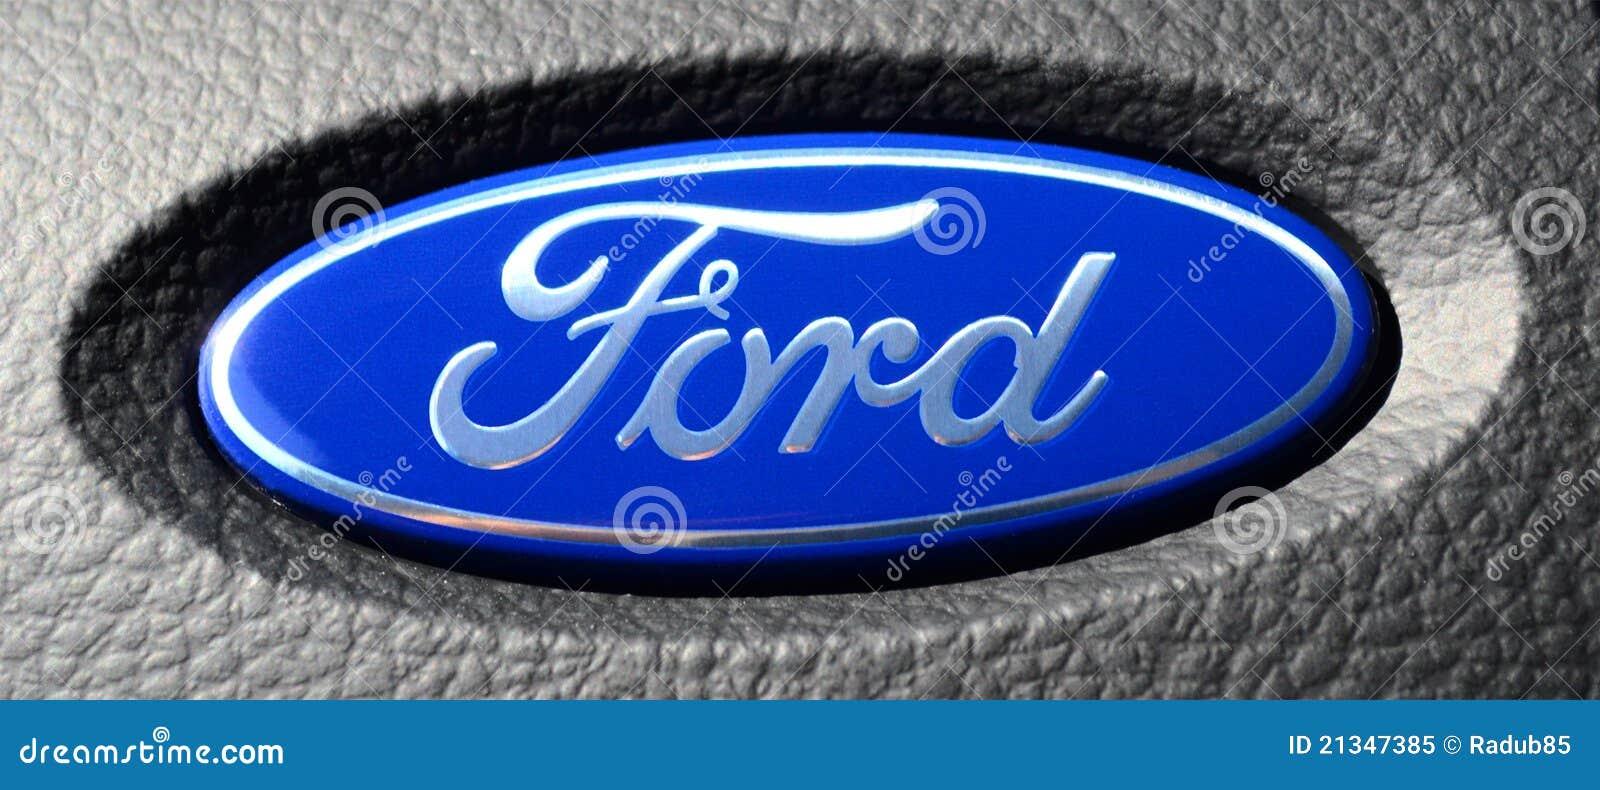 Insignia de Ford